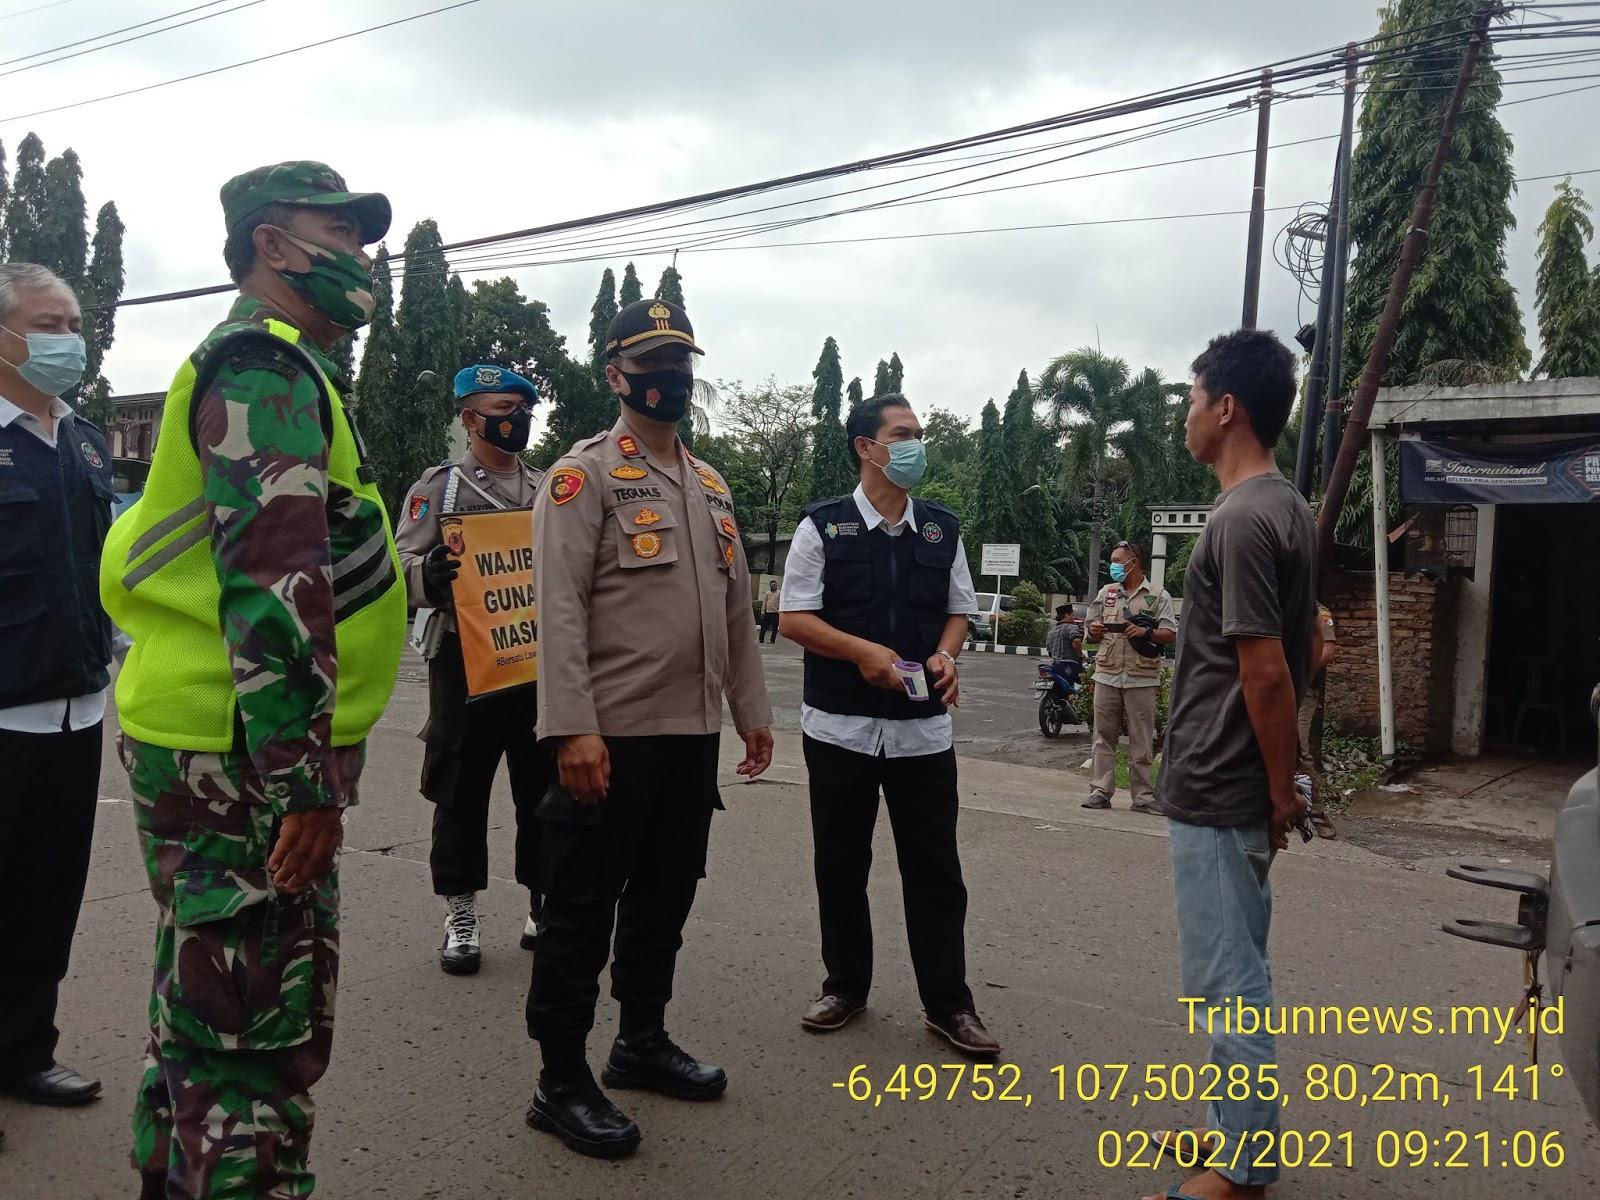 Penegakan PPKM, Muspika Campaka bersama Anggota Banser Menggelar Operasi Yustisi